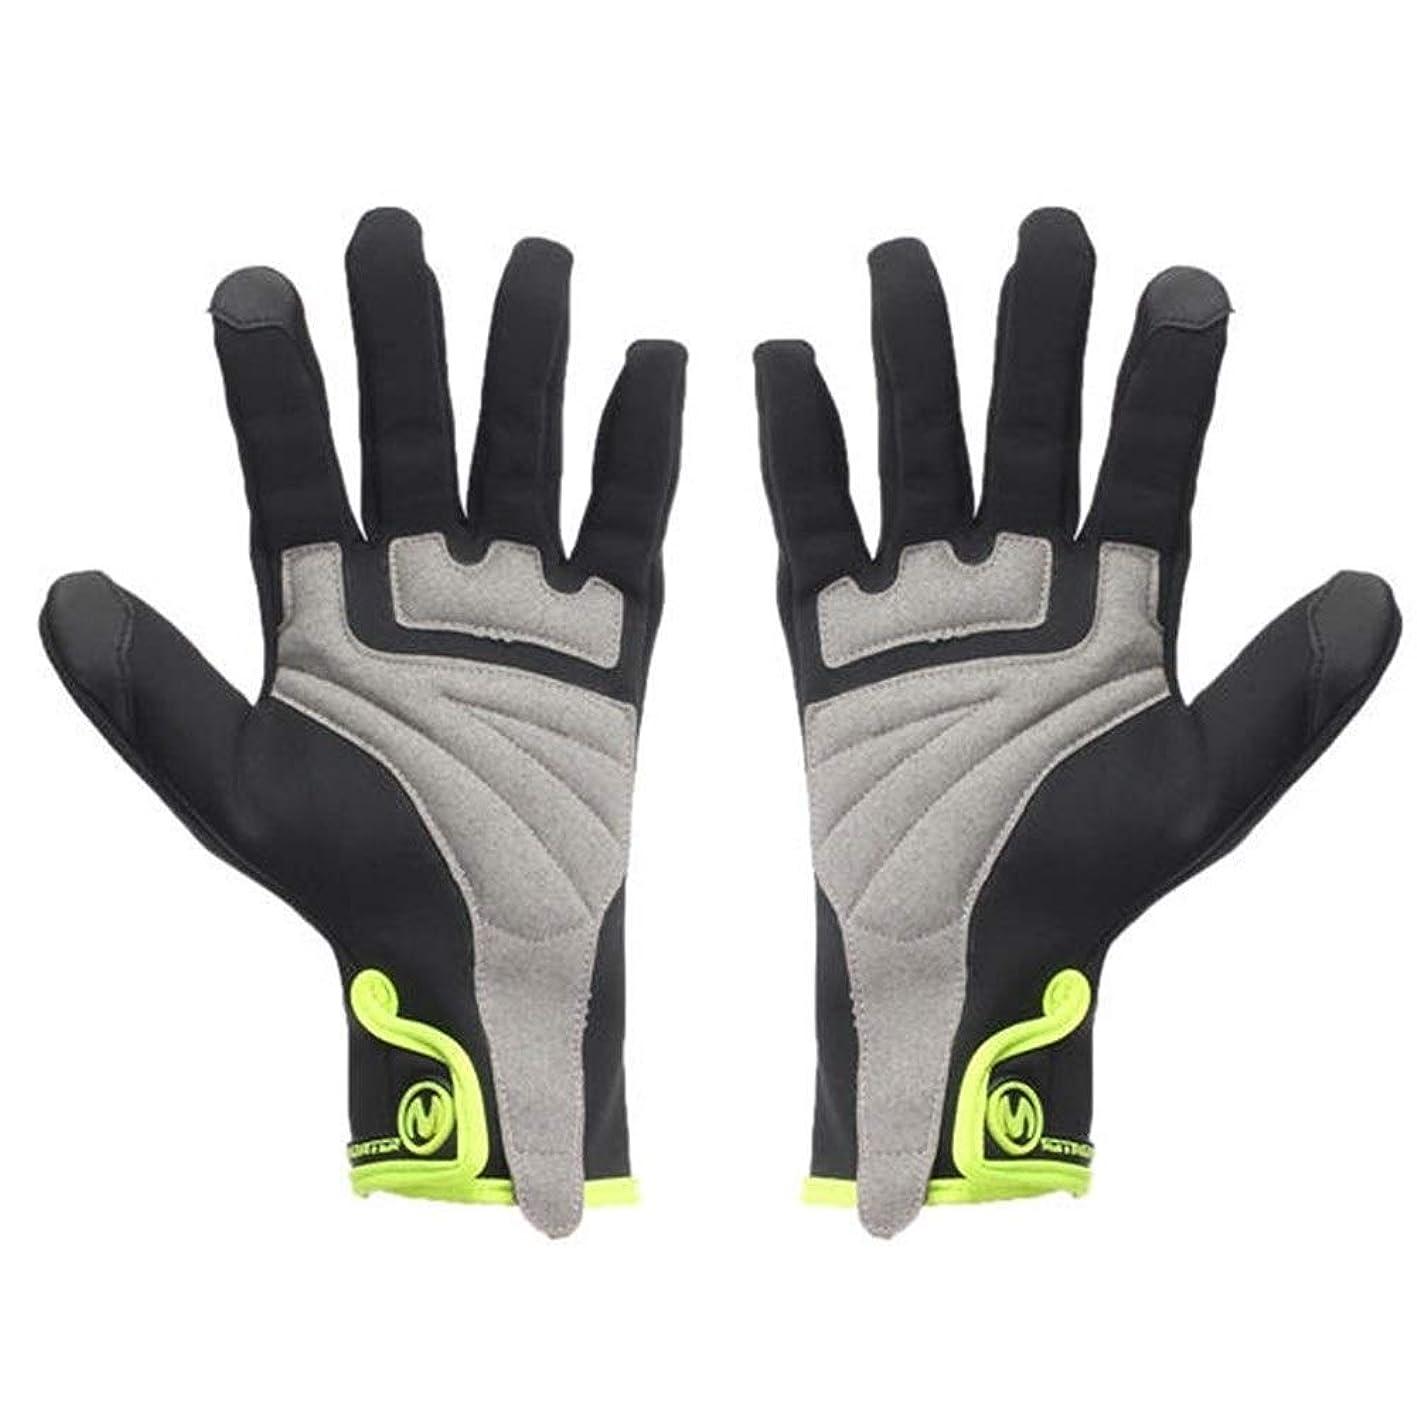 吸収損なうエミュレーションMJZJP 手袋防水フルフィンガーグローブタッチスクリーン冬のオートバイサイクリング防風暖かいです (Size : L)